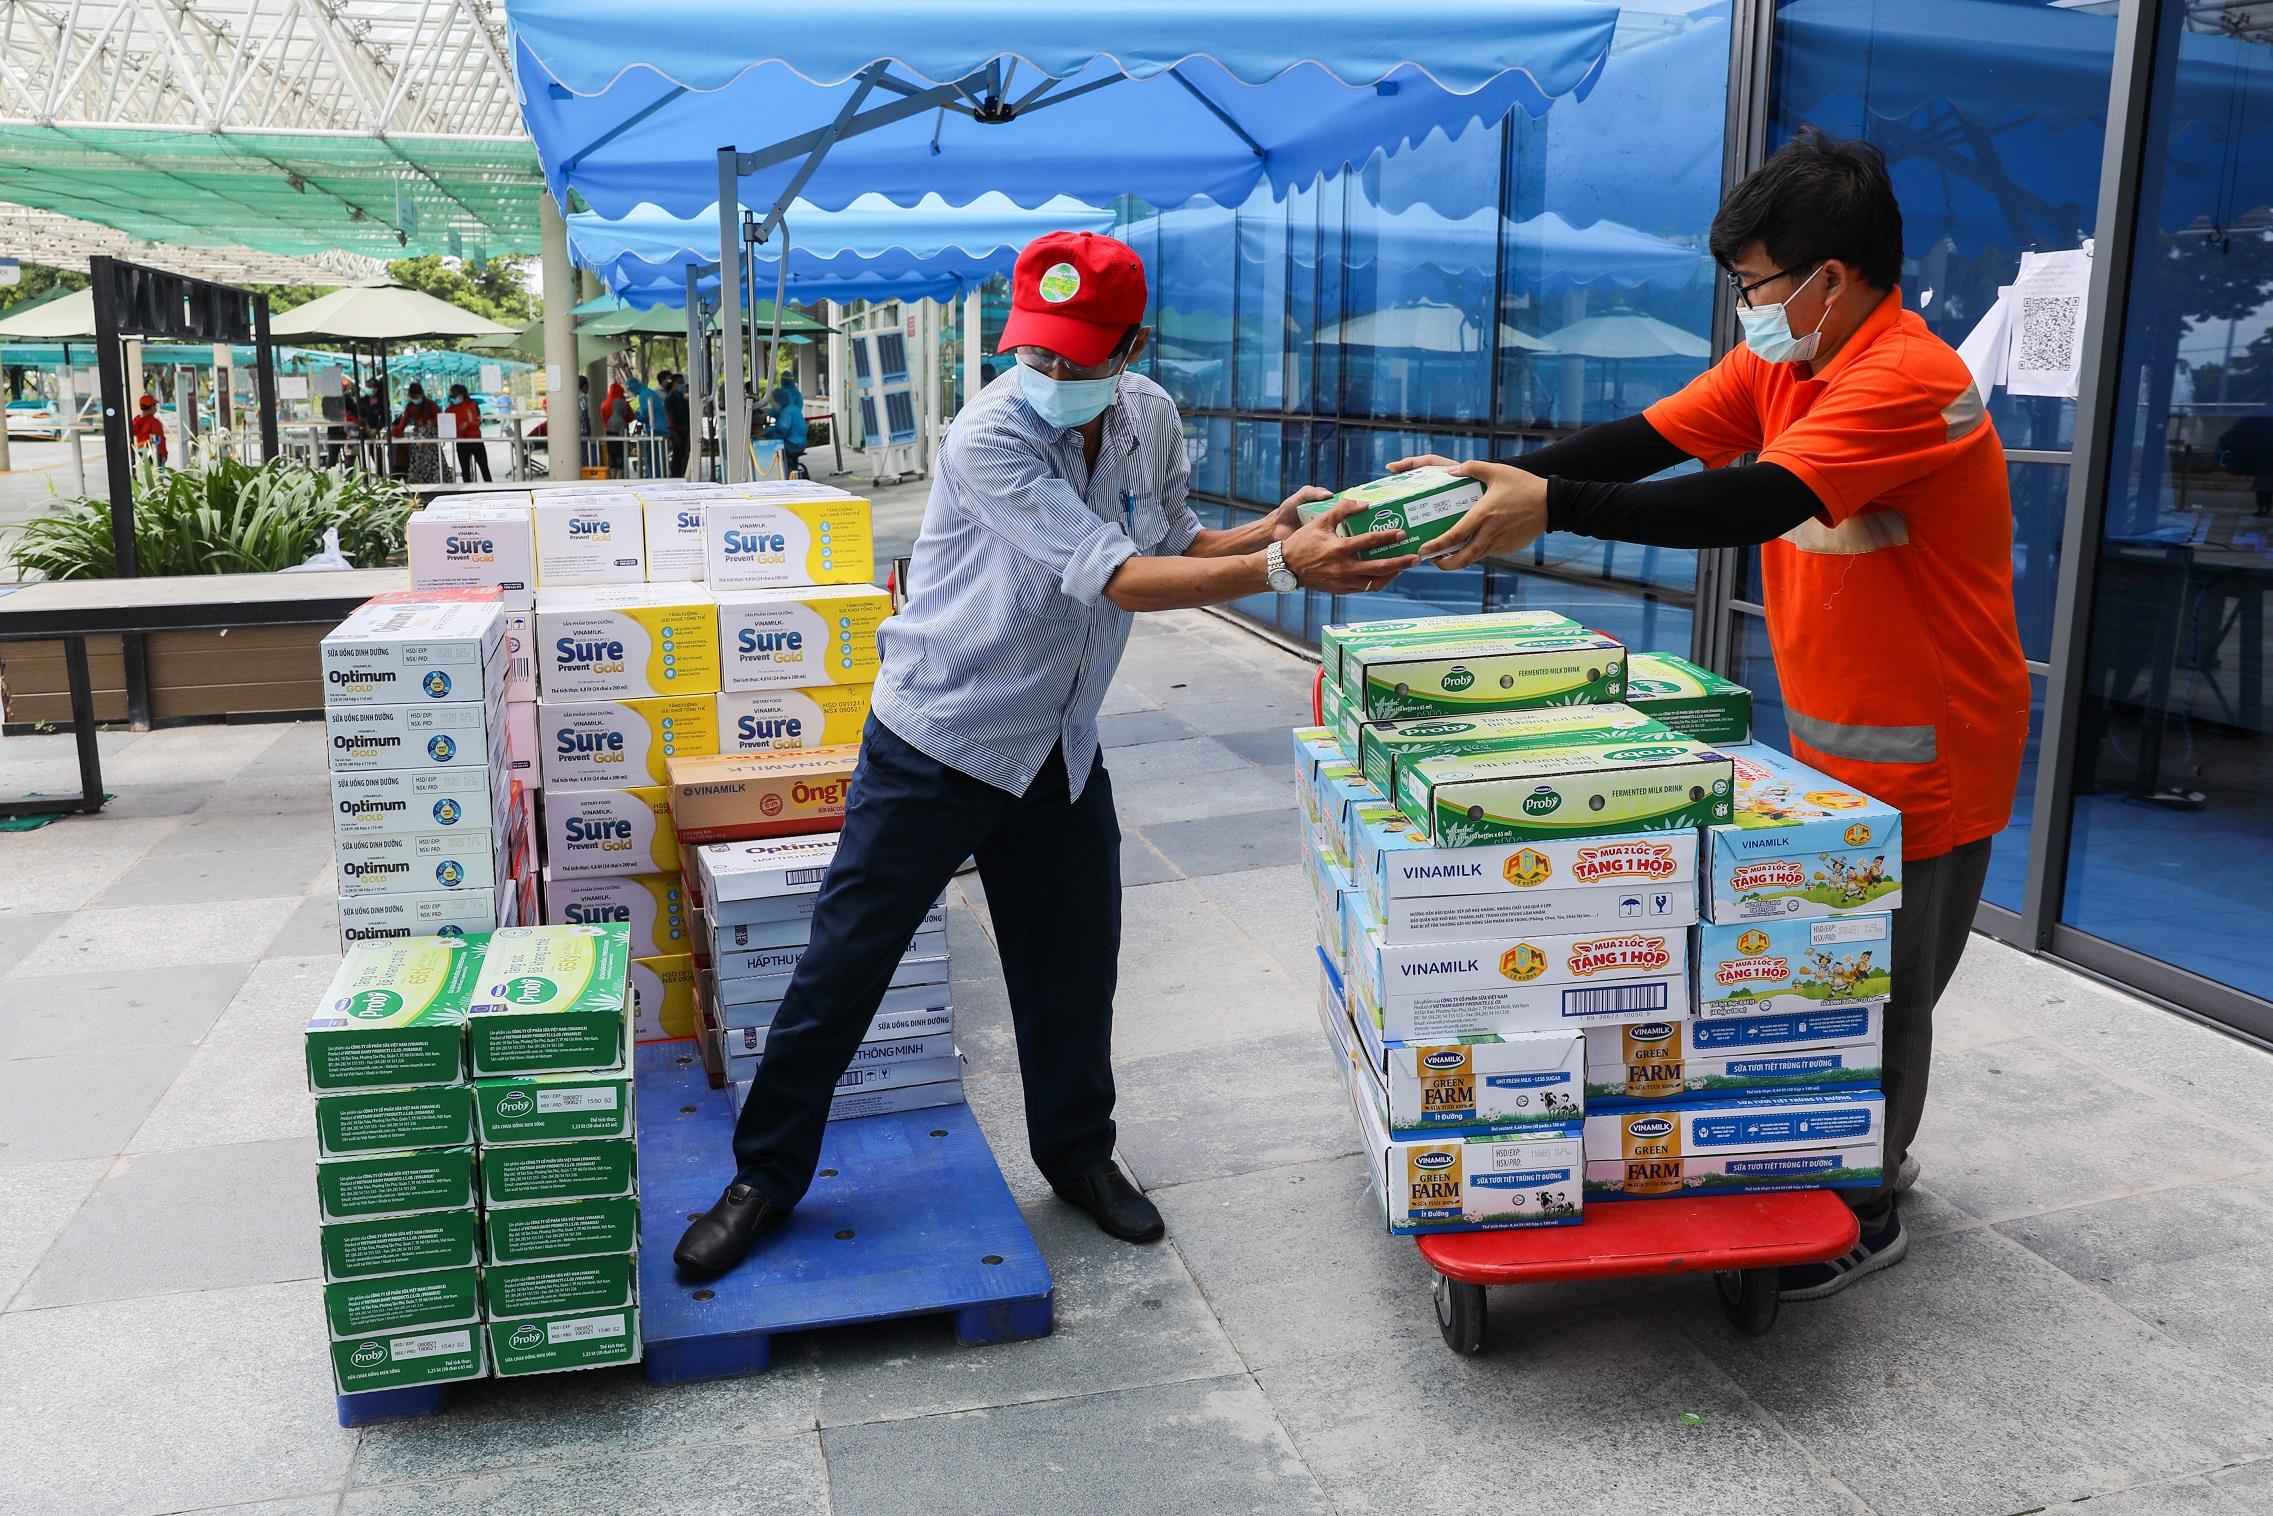 Hàng ngàn món quà dinh dưỡng từ Vinamilk gửi tặng đến các y bác sĩ, người thân trong ngày gia đình Việt Nam 9